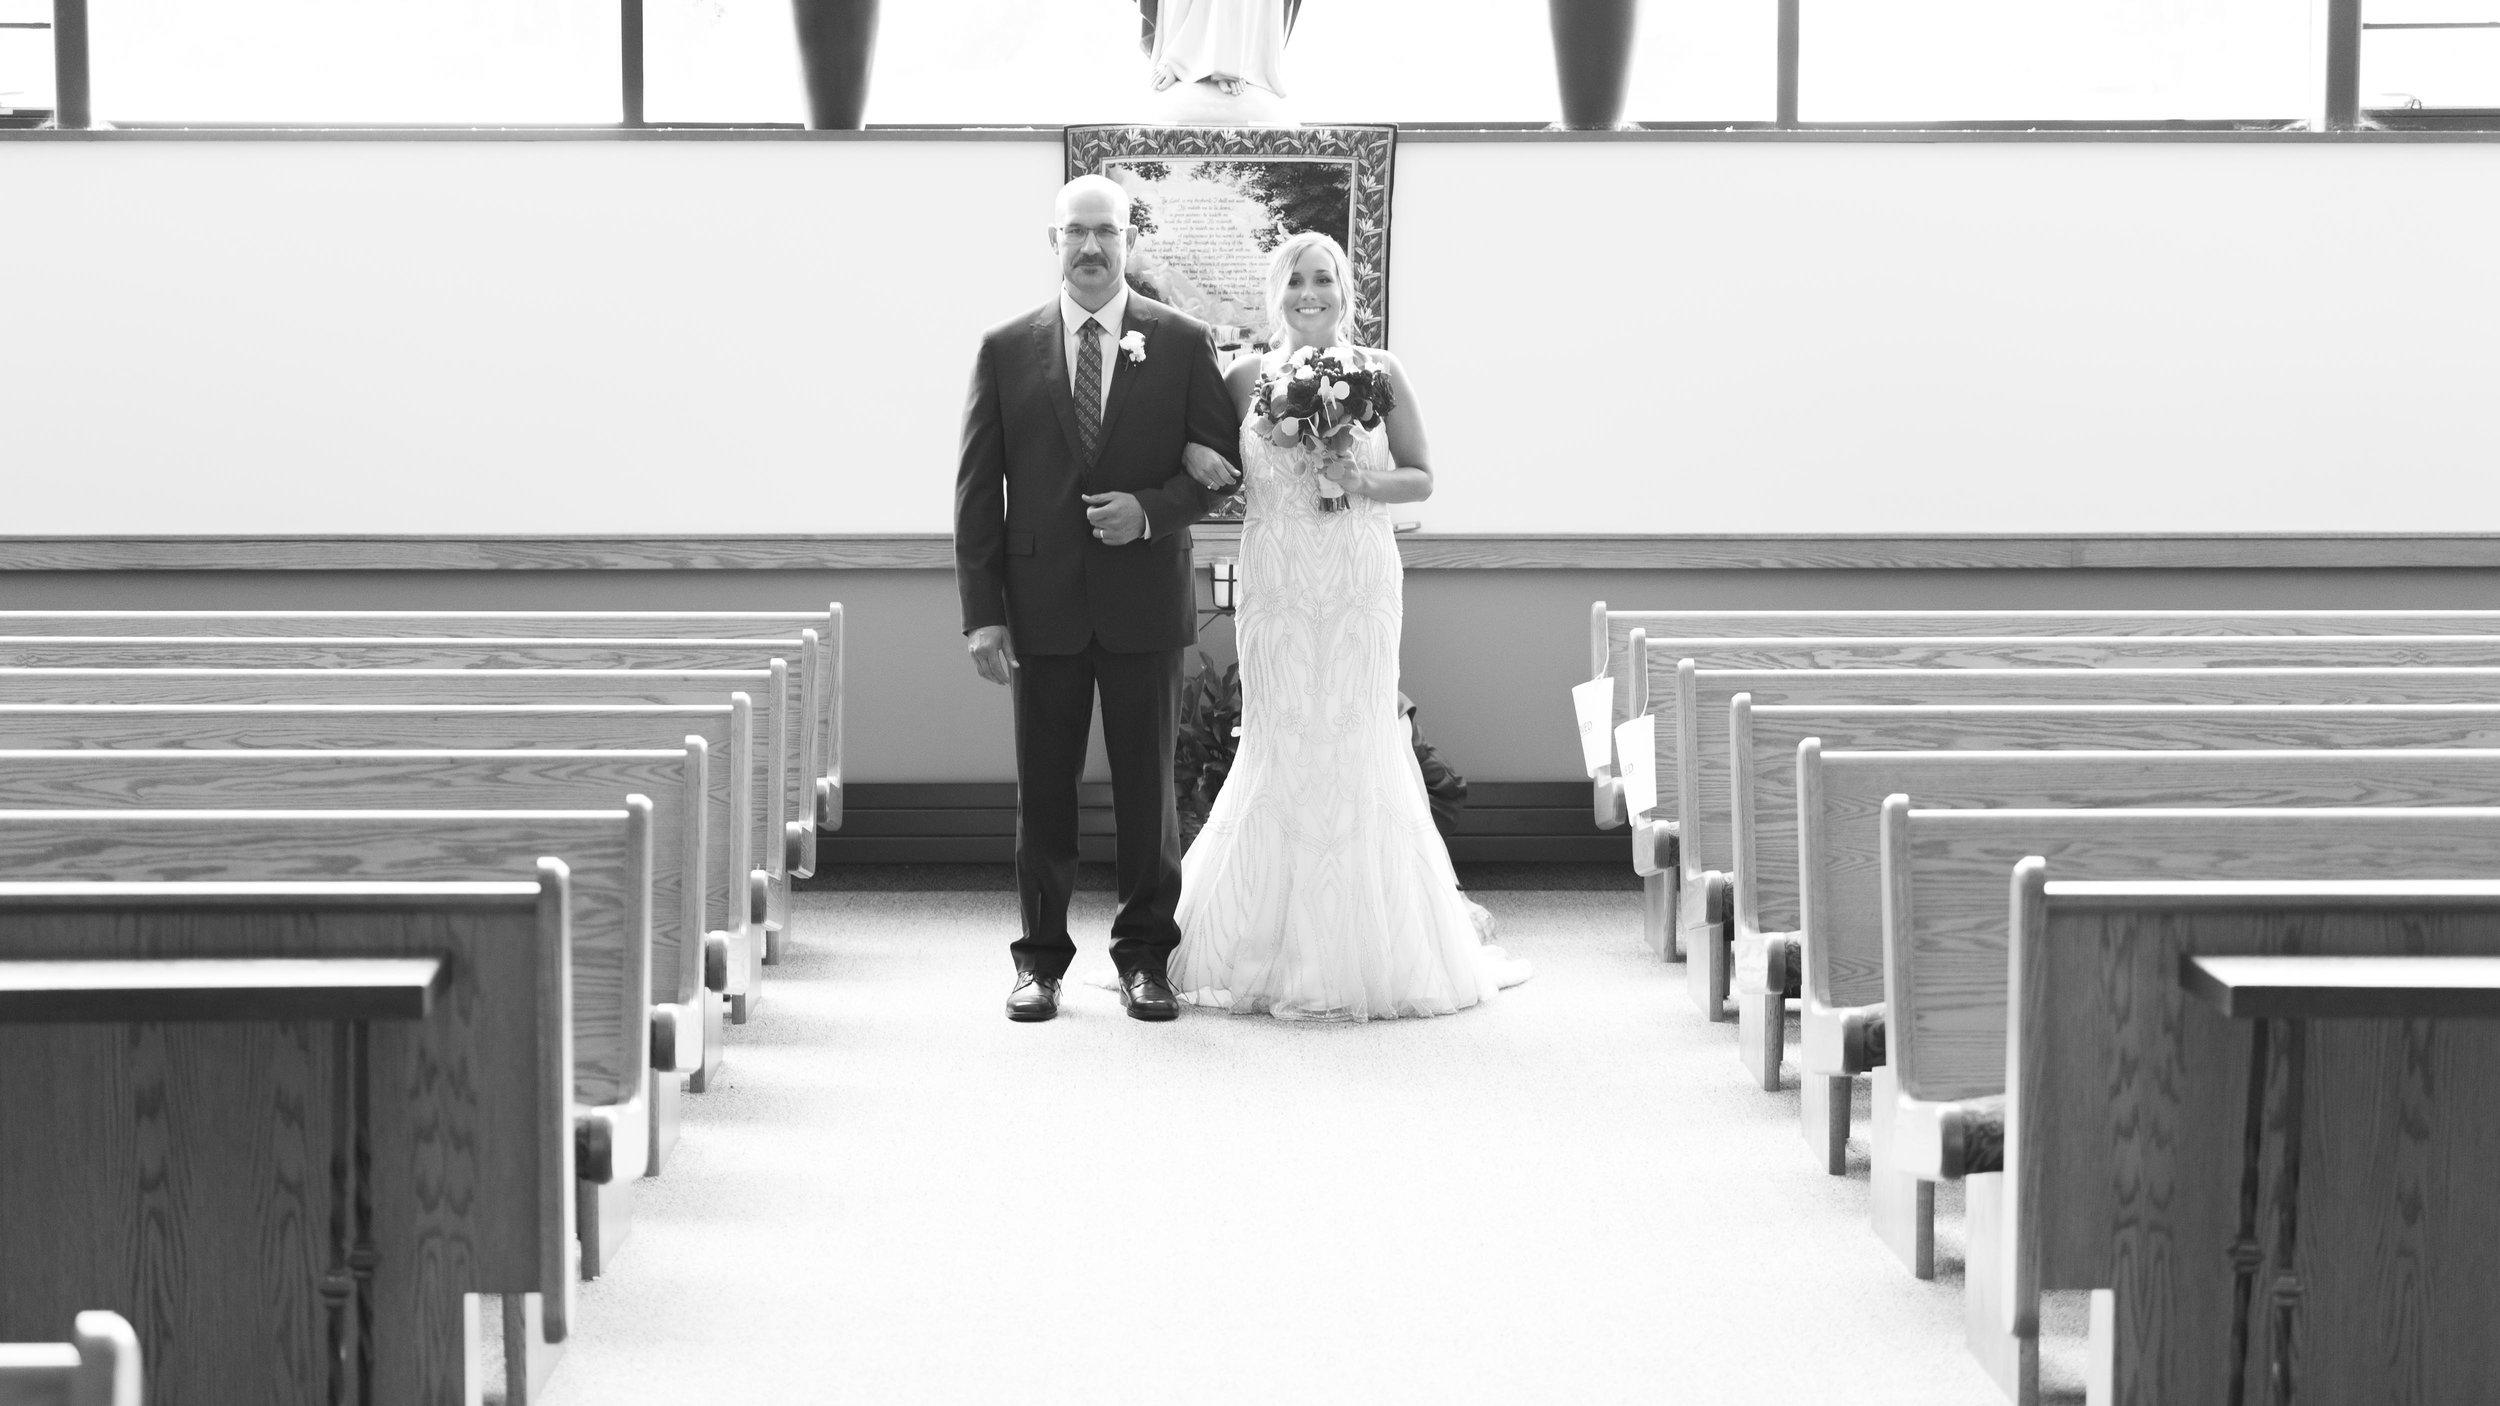 Saint-Josephs-Parish-Wedding-2.jpg